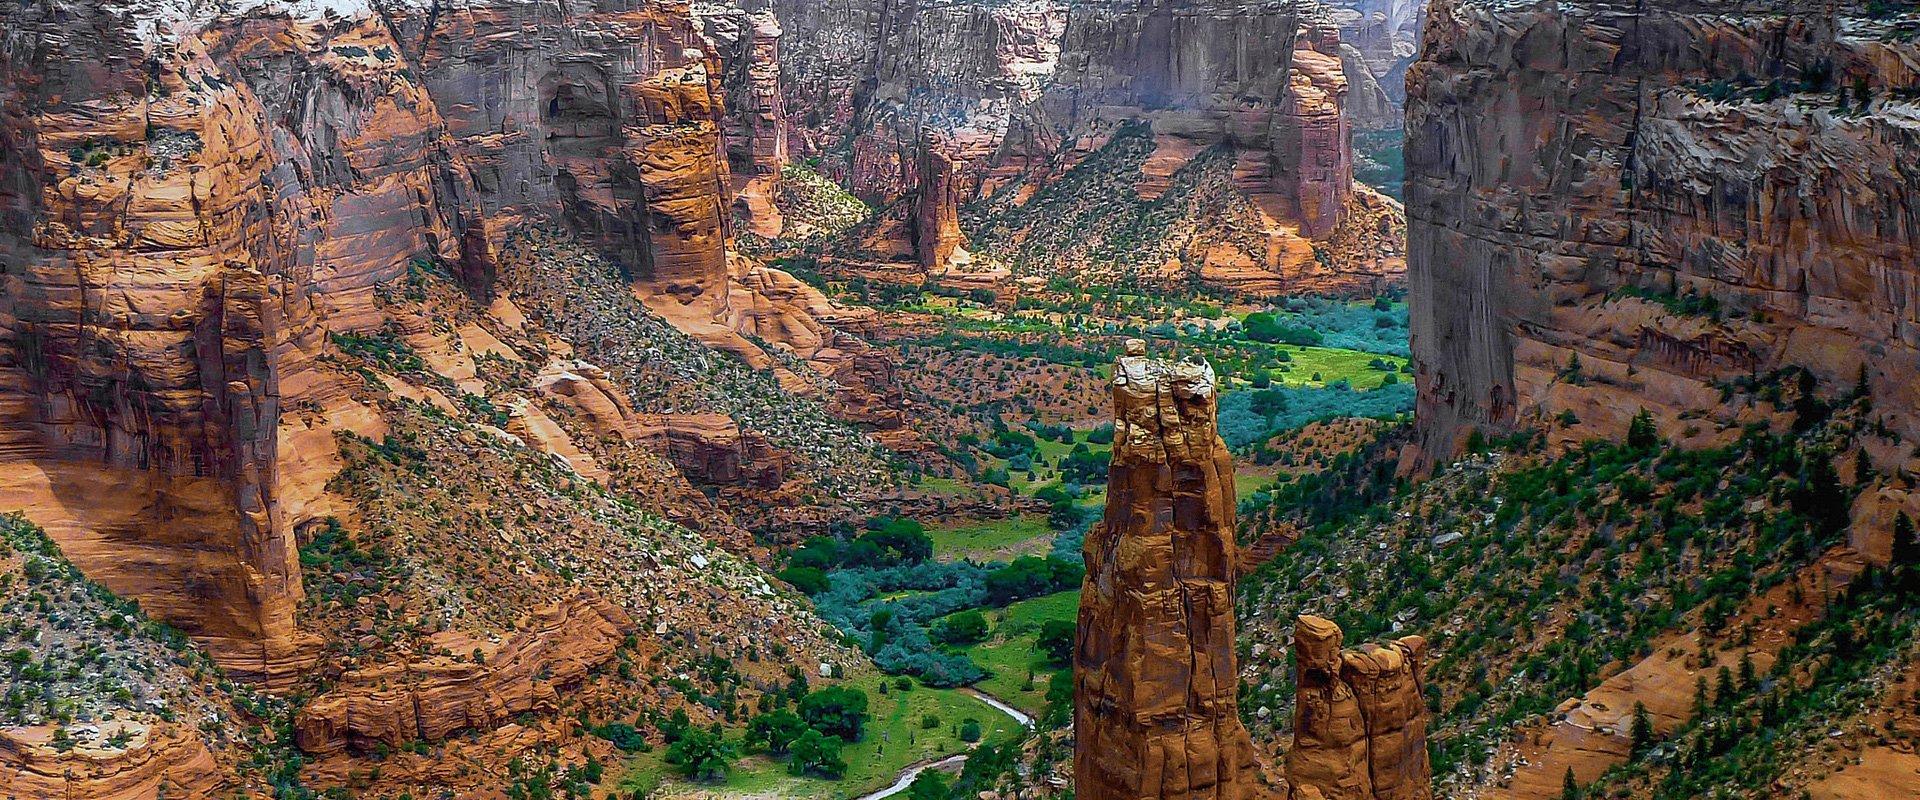 Тур на 10 дней по каньонам юго-запада Америки